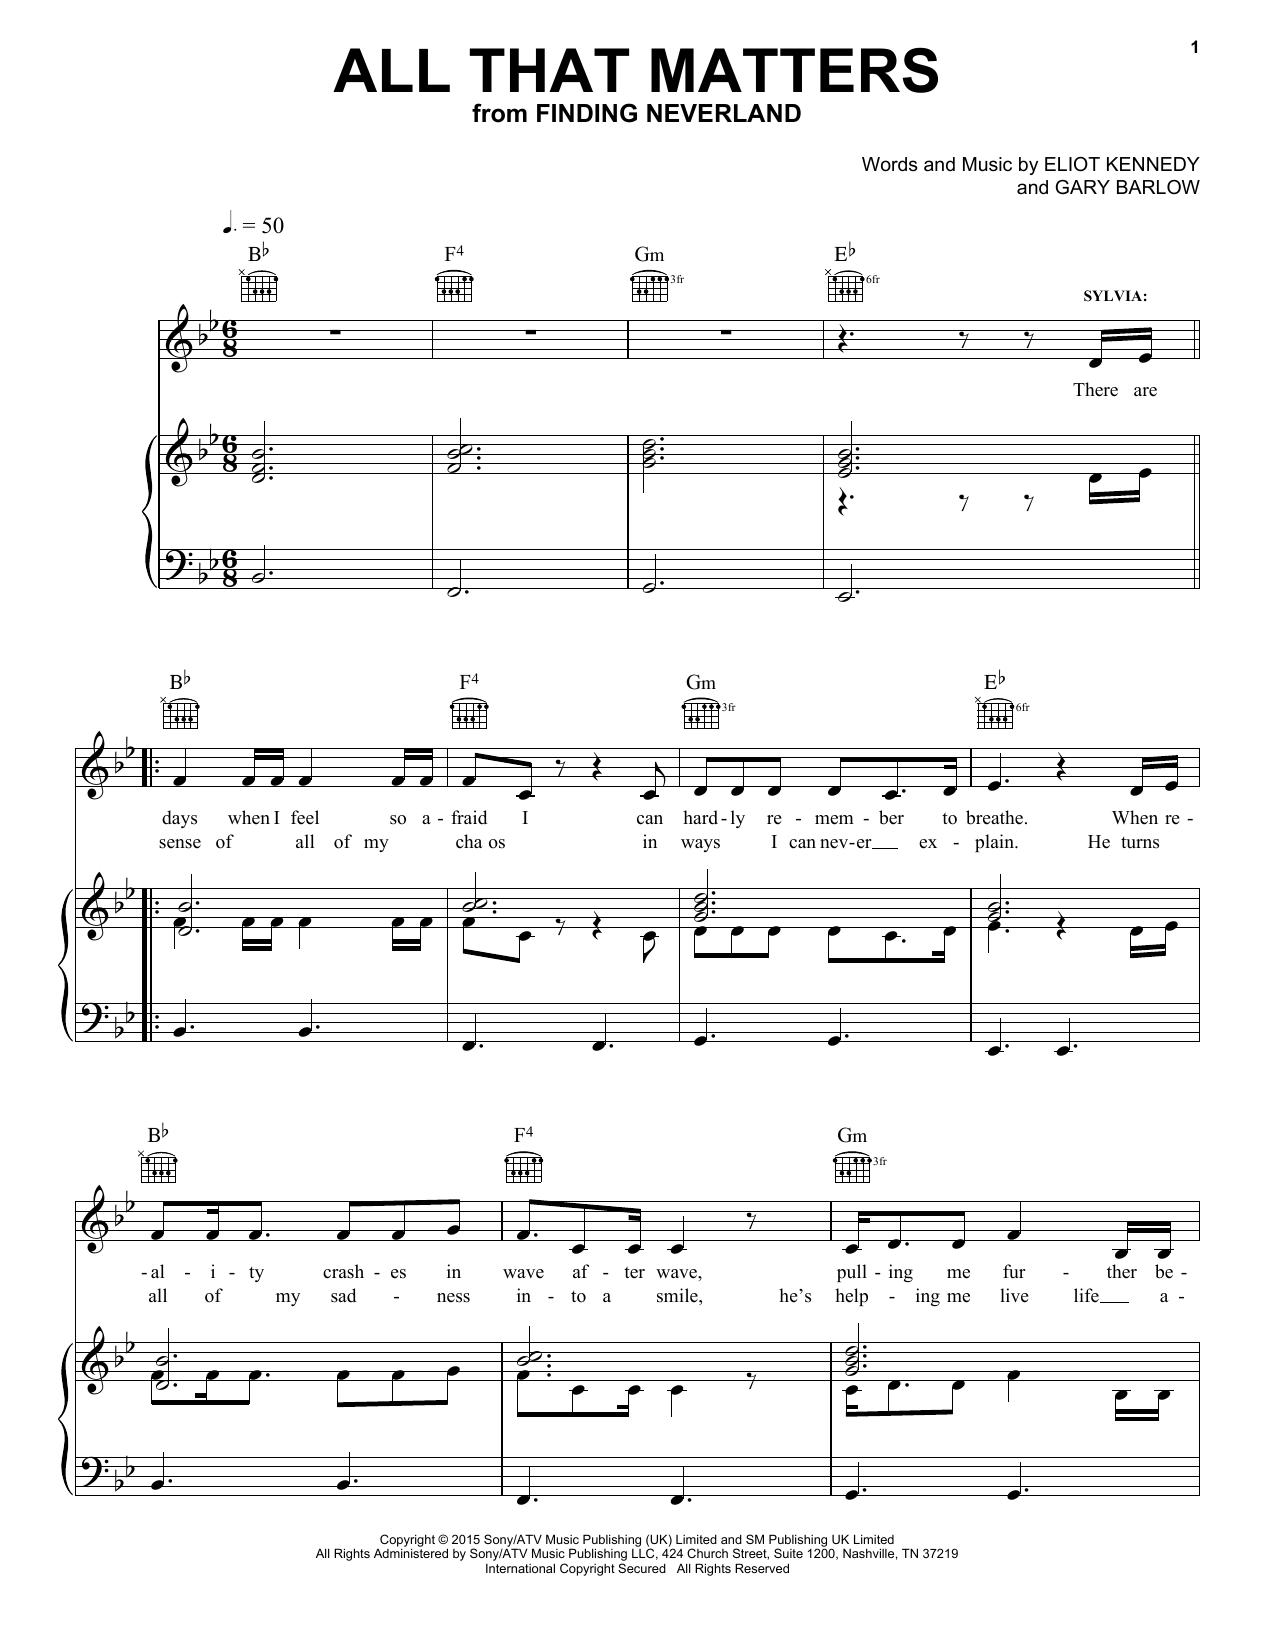 All That Matters sheet music